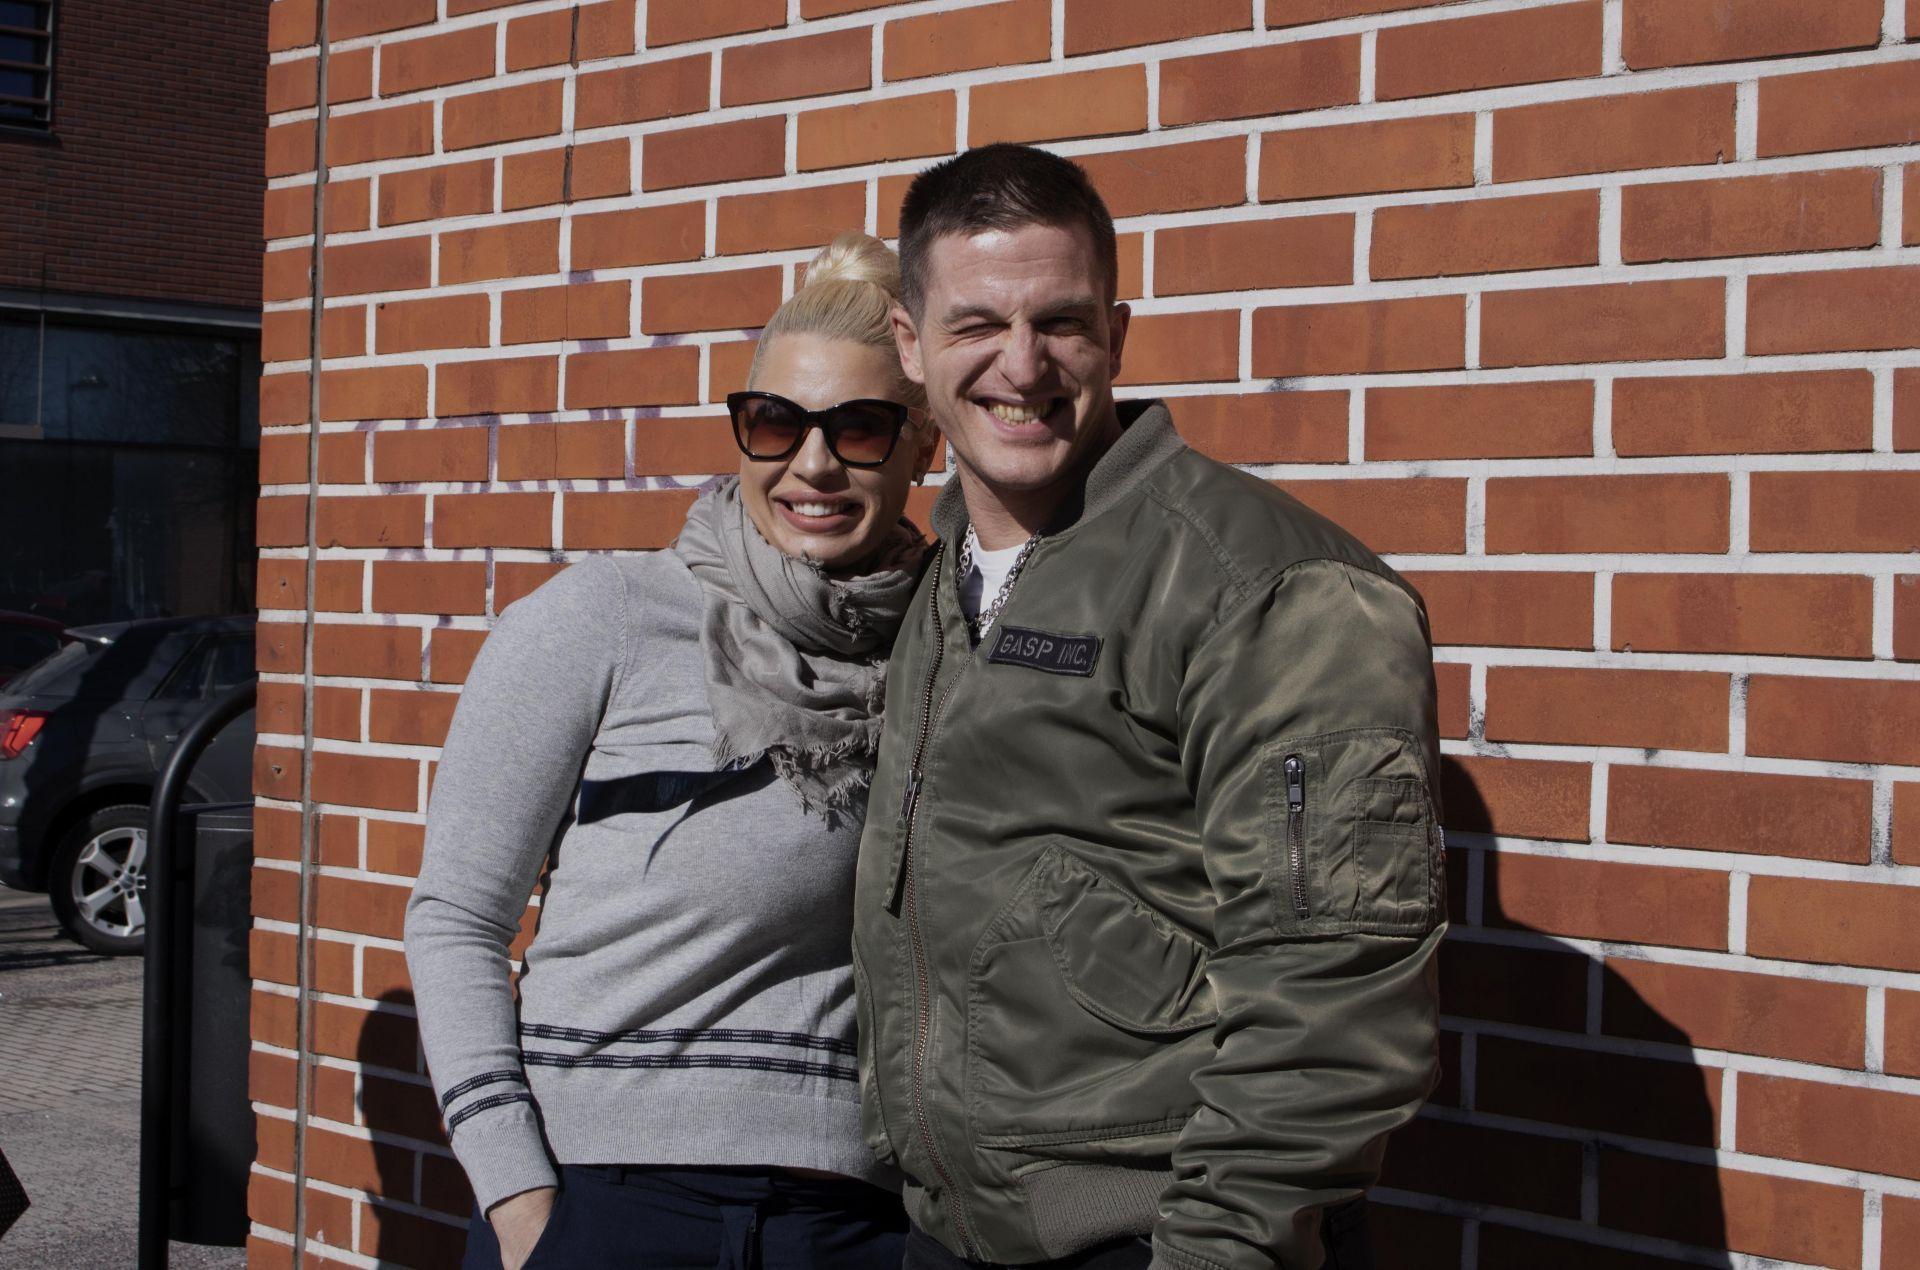 Vasemmalla hymyilevä nuorehko nainen, jolla on aurinkolasit, ja oikealla pitkä, nuorehko mies, joka virnistää kohti.